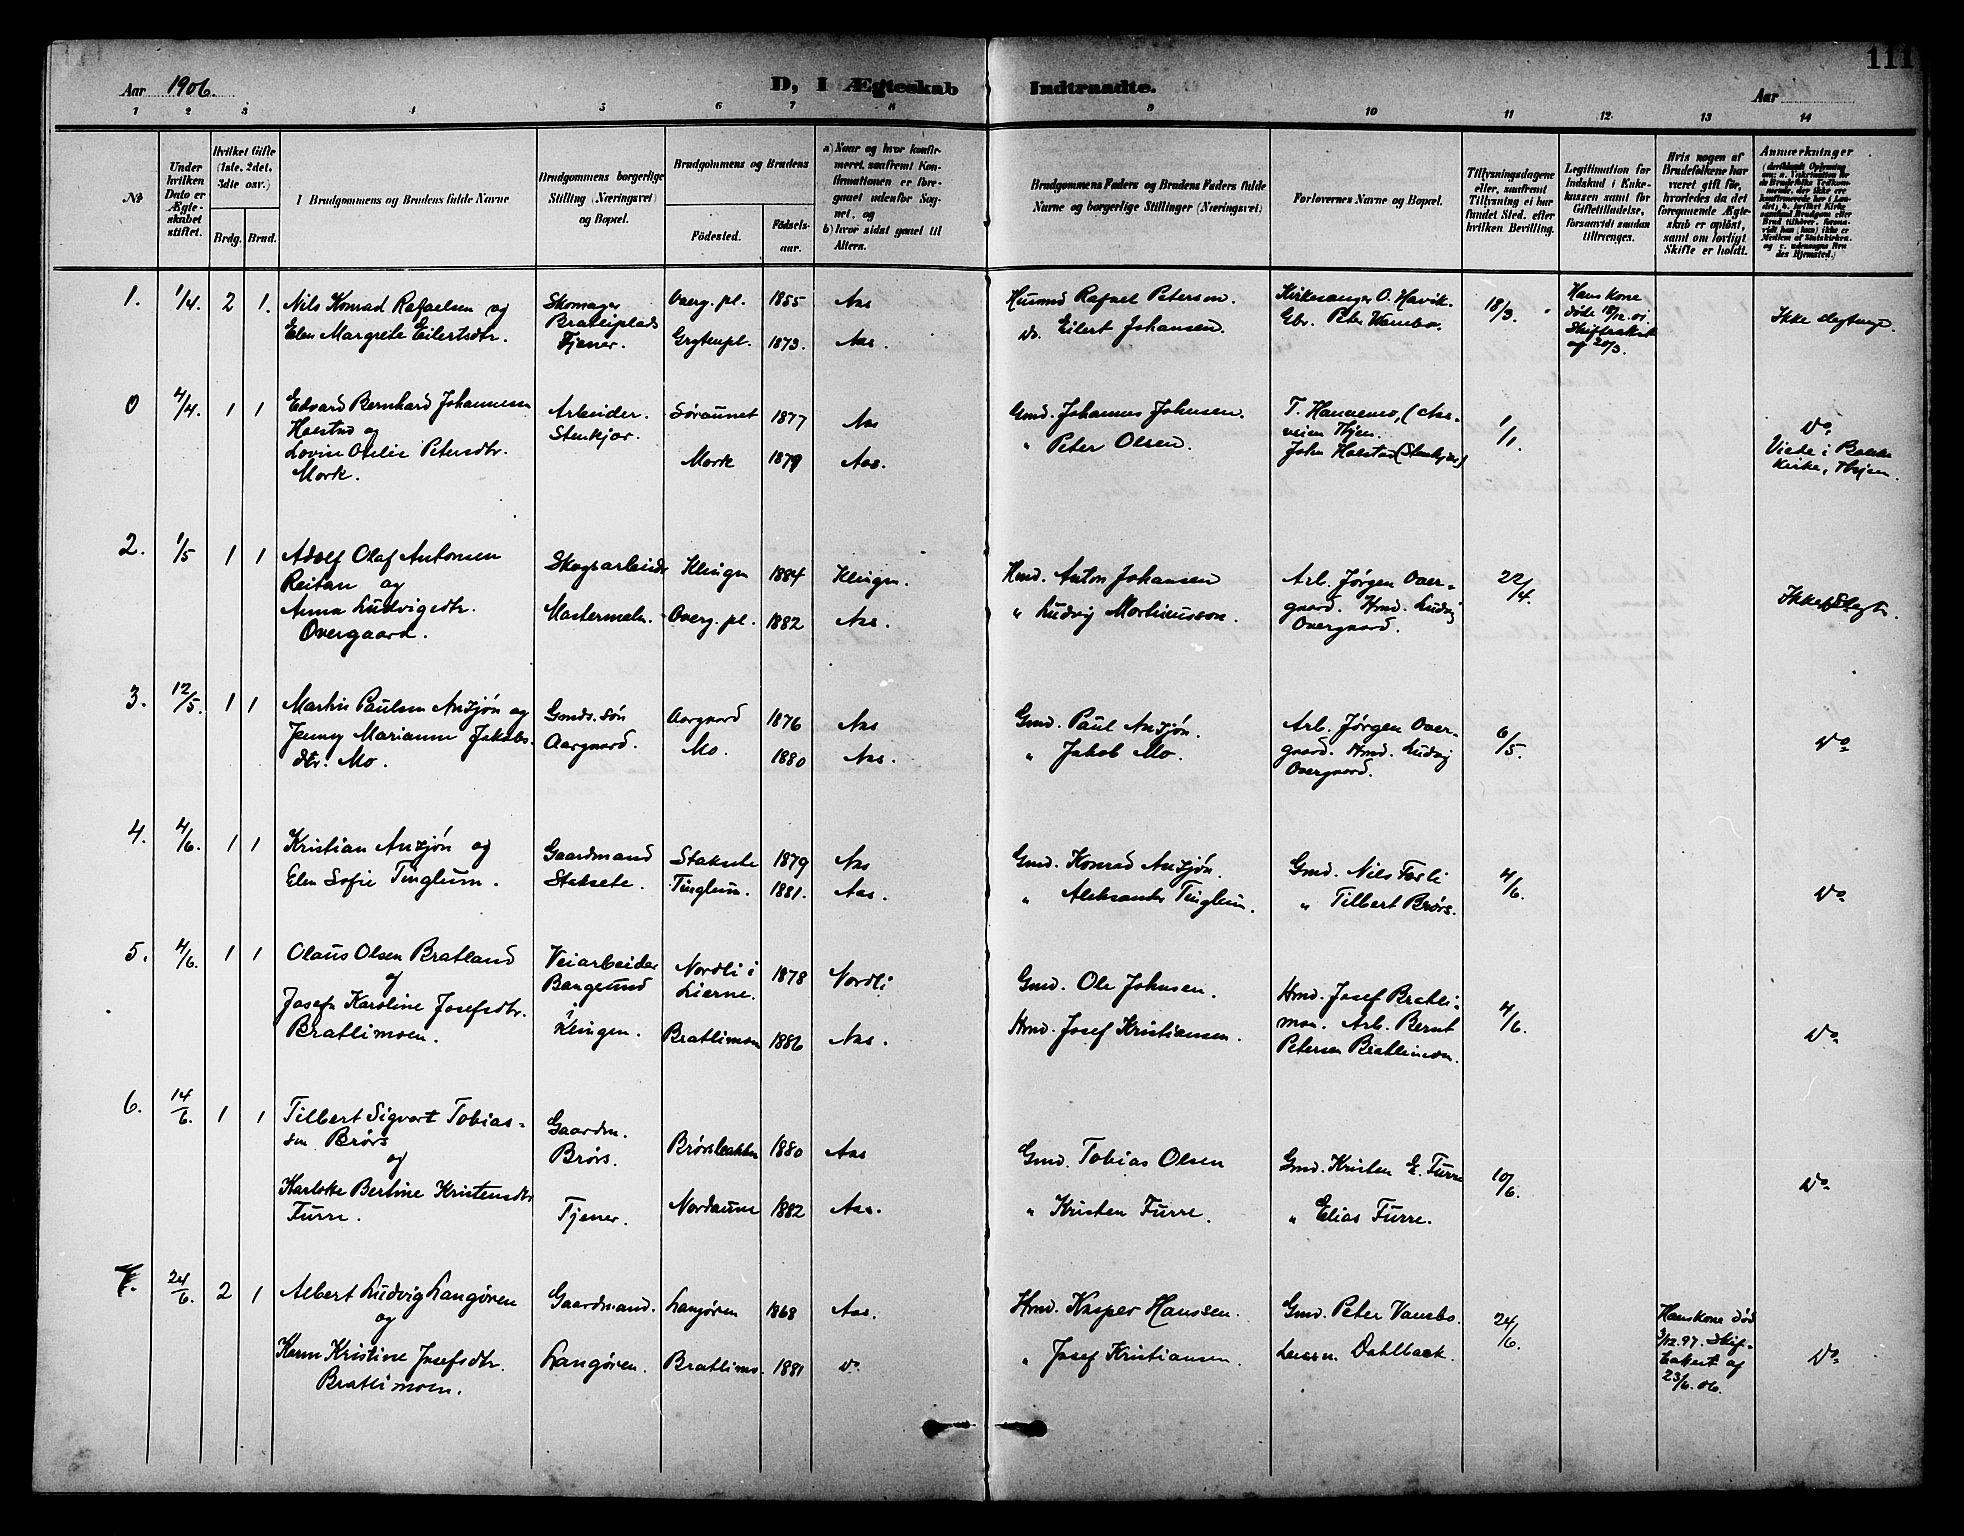 SAT, Ministerialprotokoller, klokkerbøker og fødselsregistre - Nord-Trøndelag, 742/L0412: Klokkerbok nr. 742C03, 1898-1910, s. 111